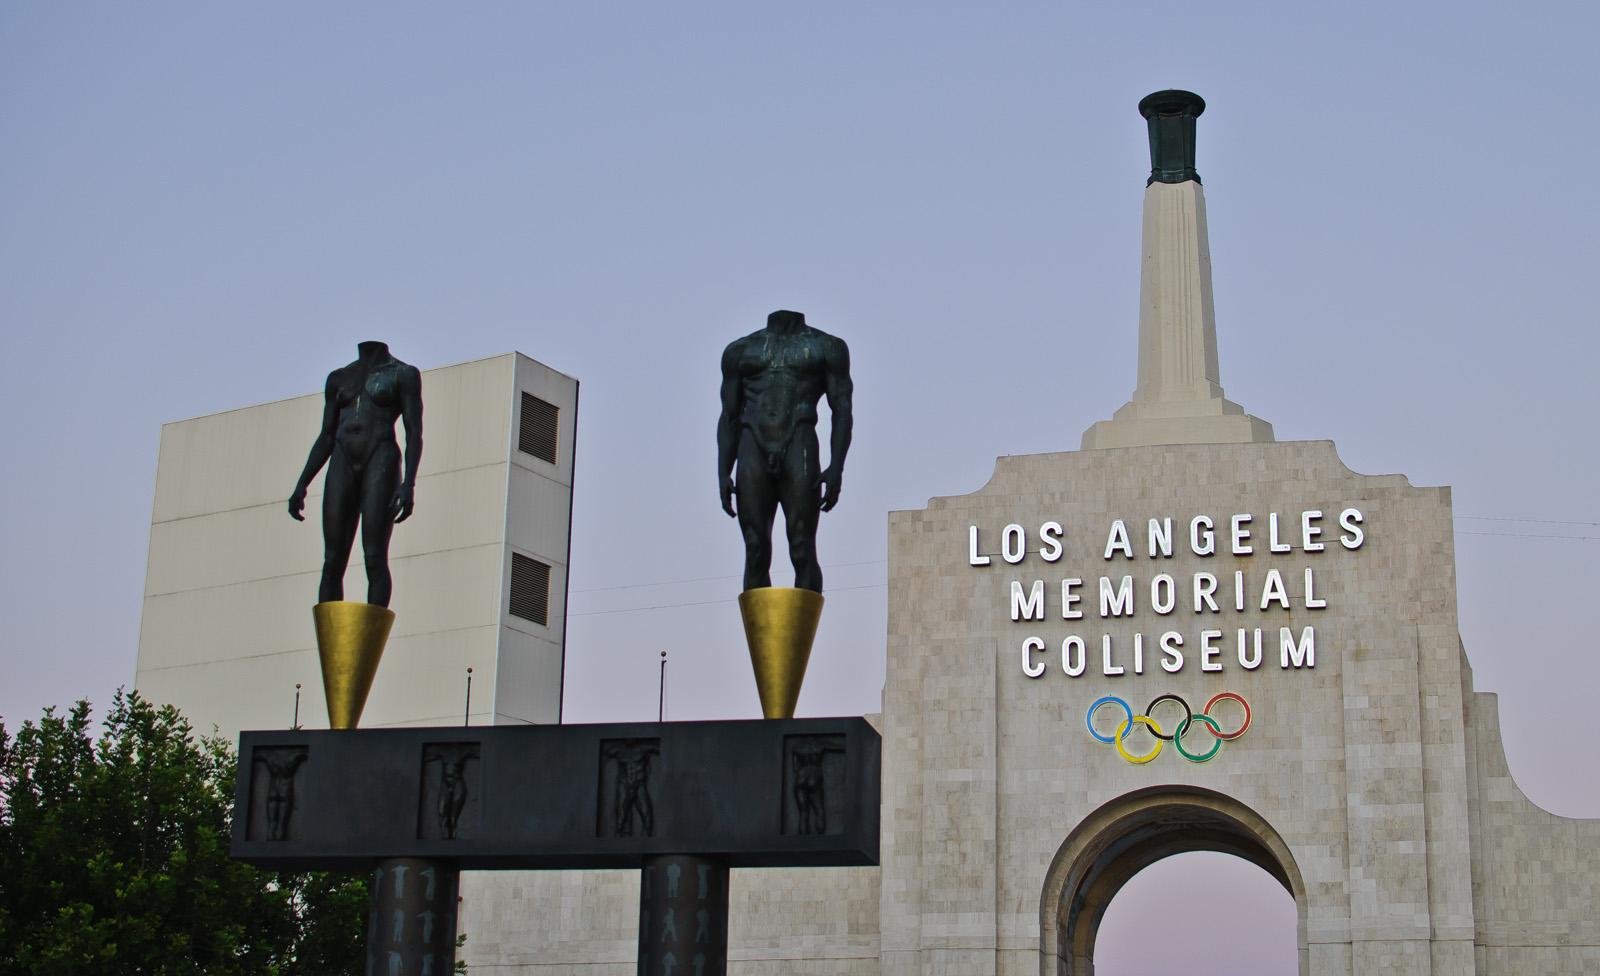 LA Coliseum front entrance sculptures